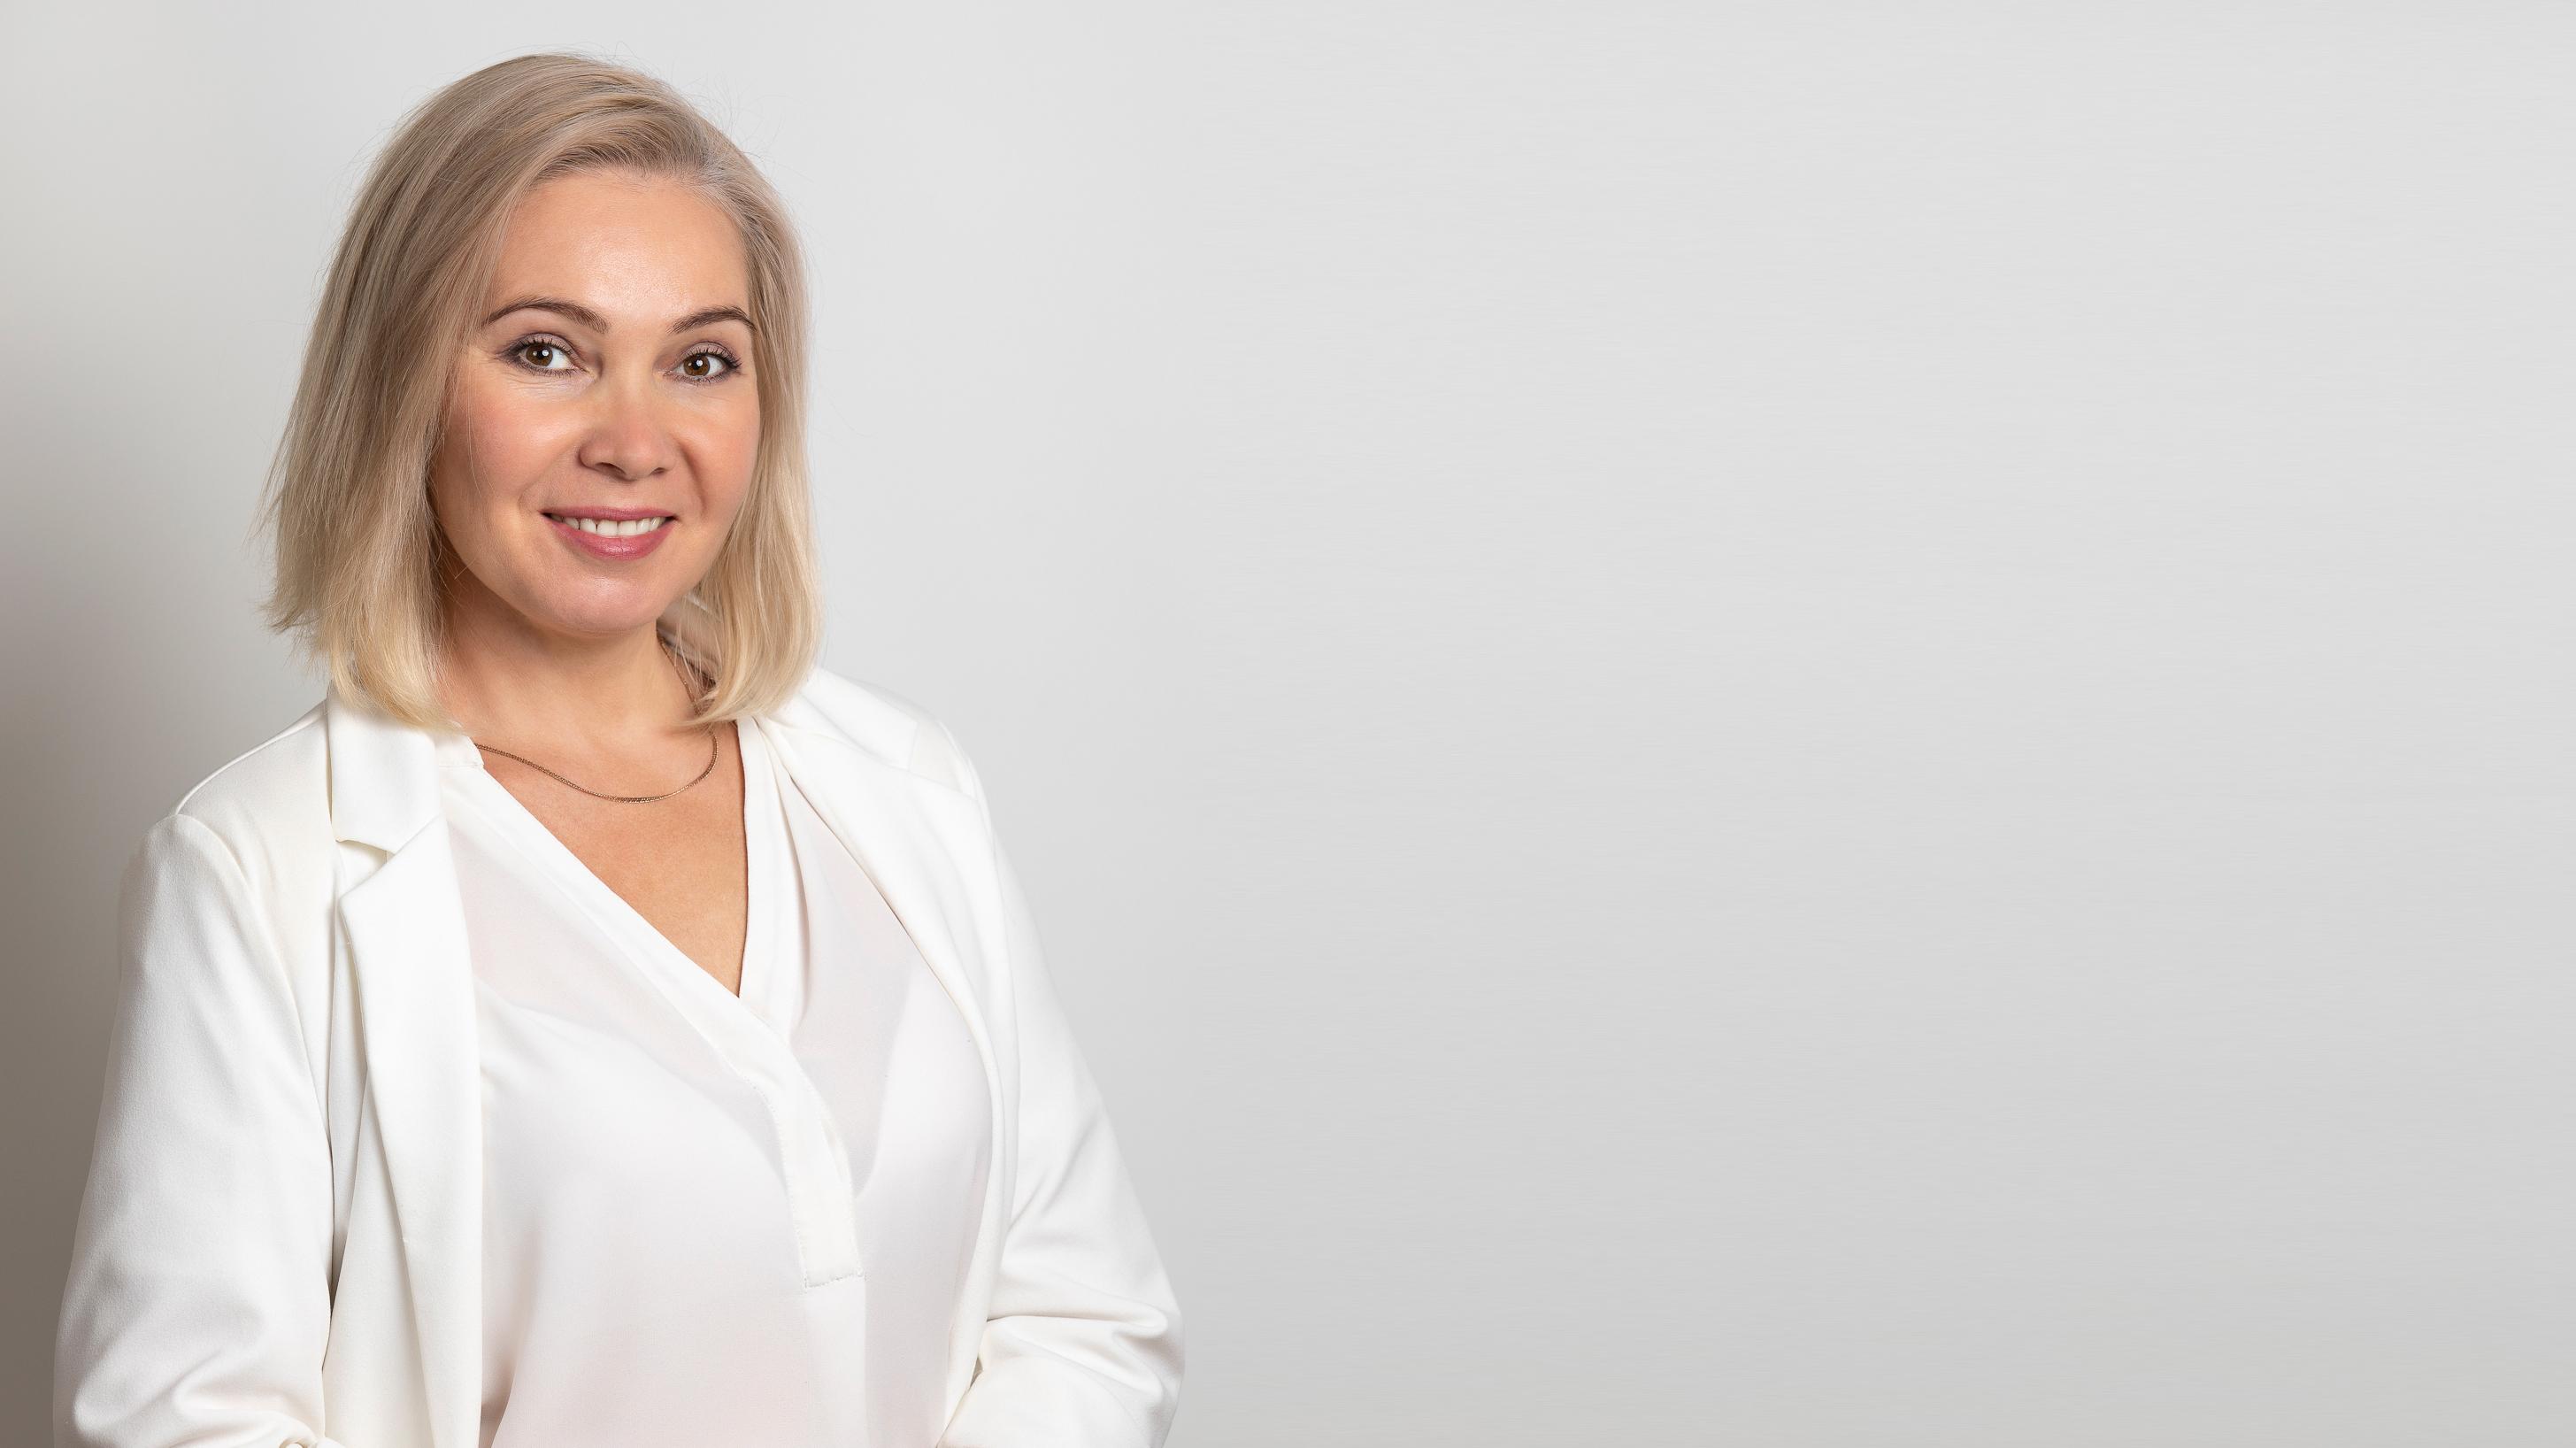 Христенко Гузалия Гайнановна — Секретарь коллегиального совета НАЦДПО